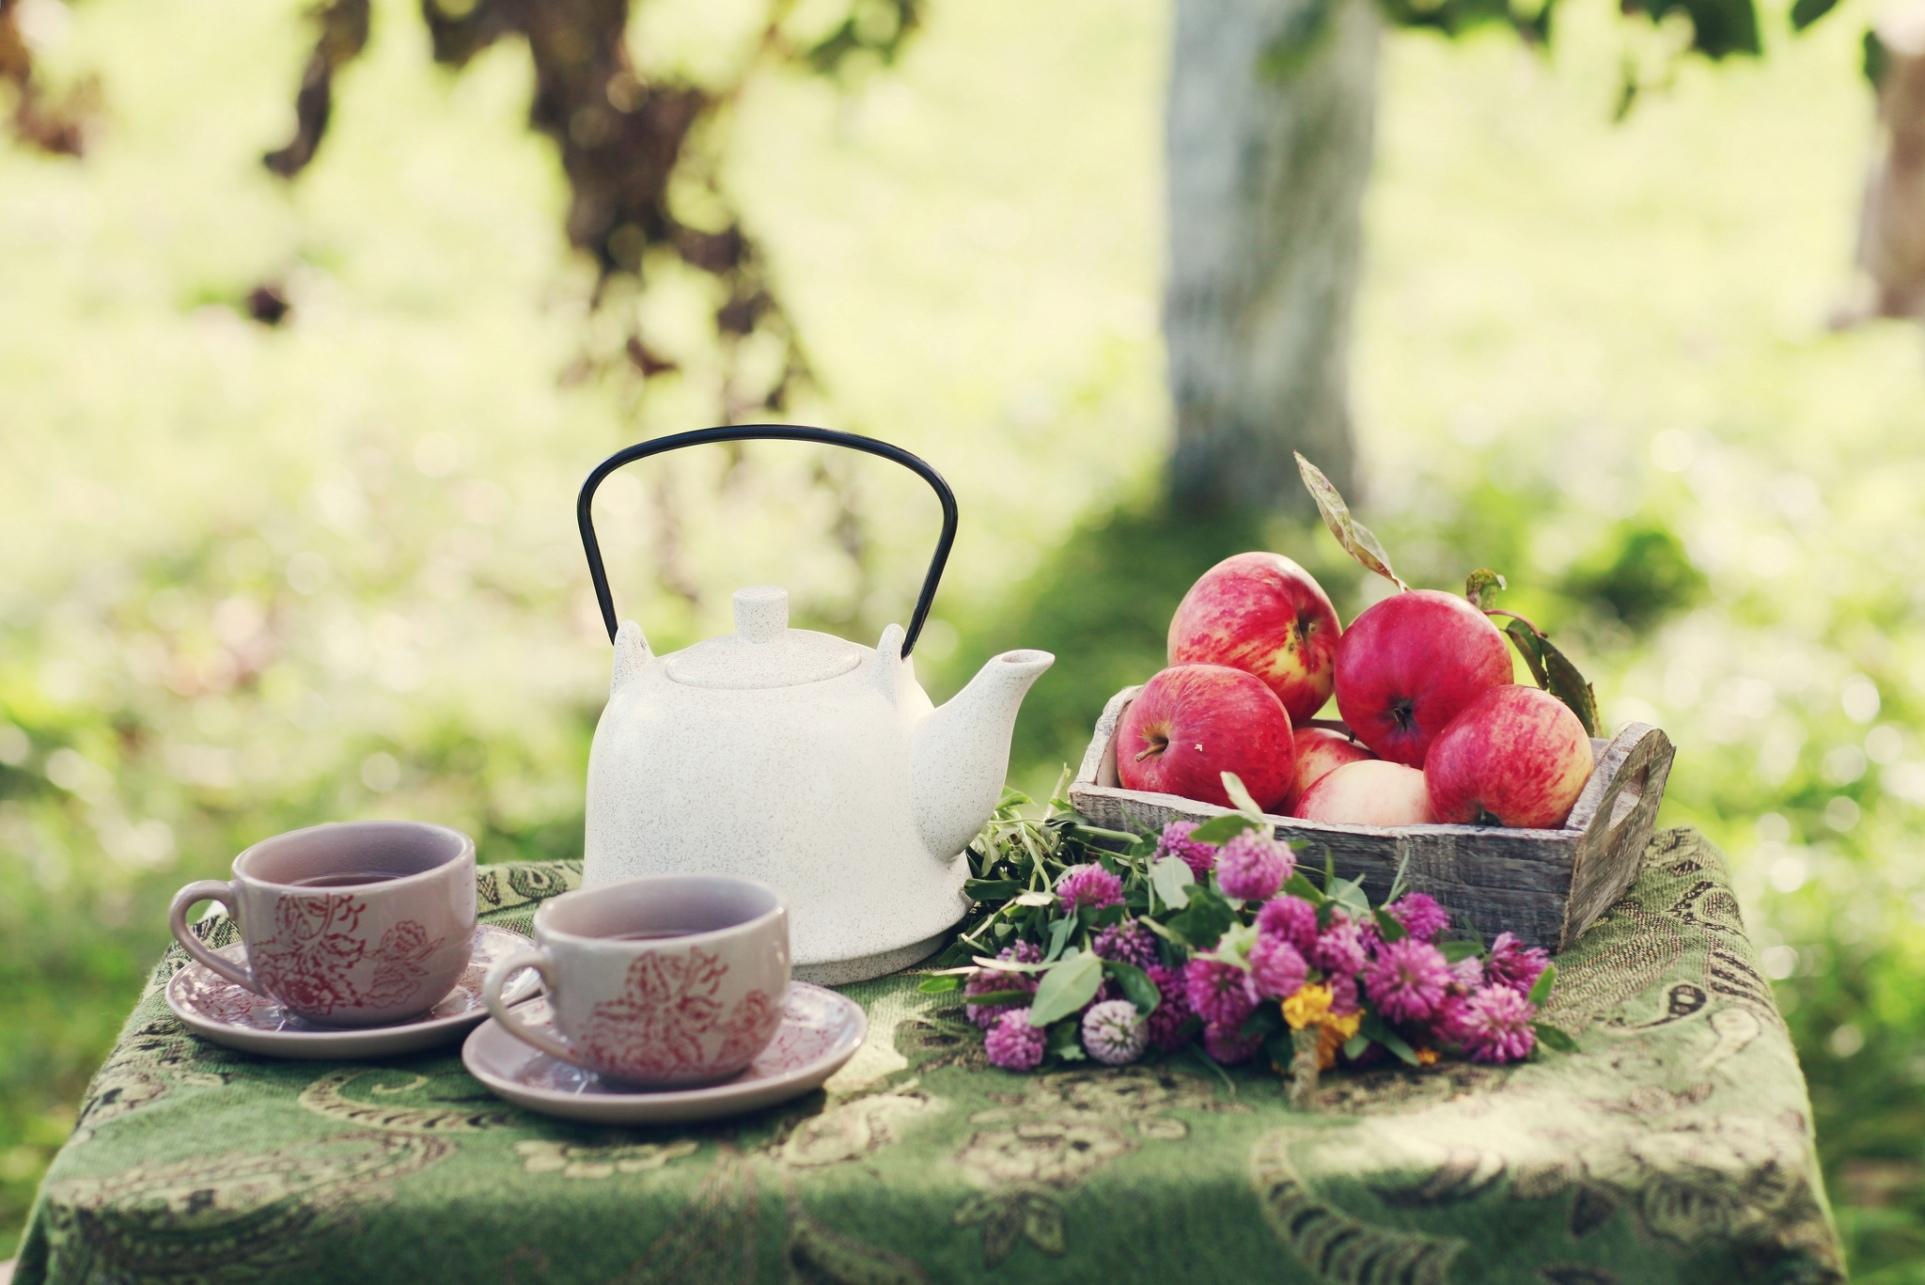 еда чай конфеты яблоки food tea candy apples  № 325917 загрузить